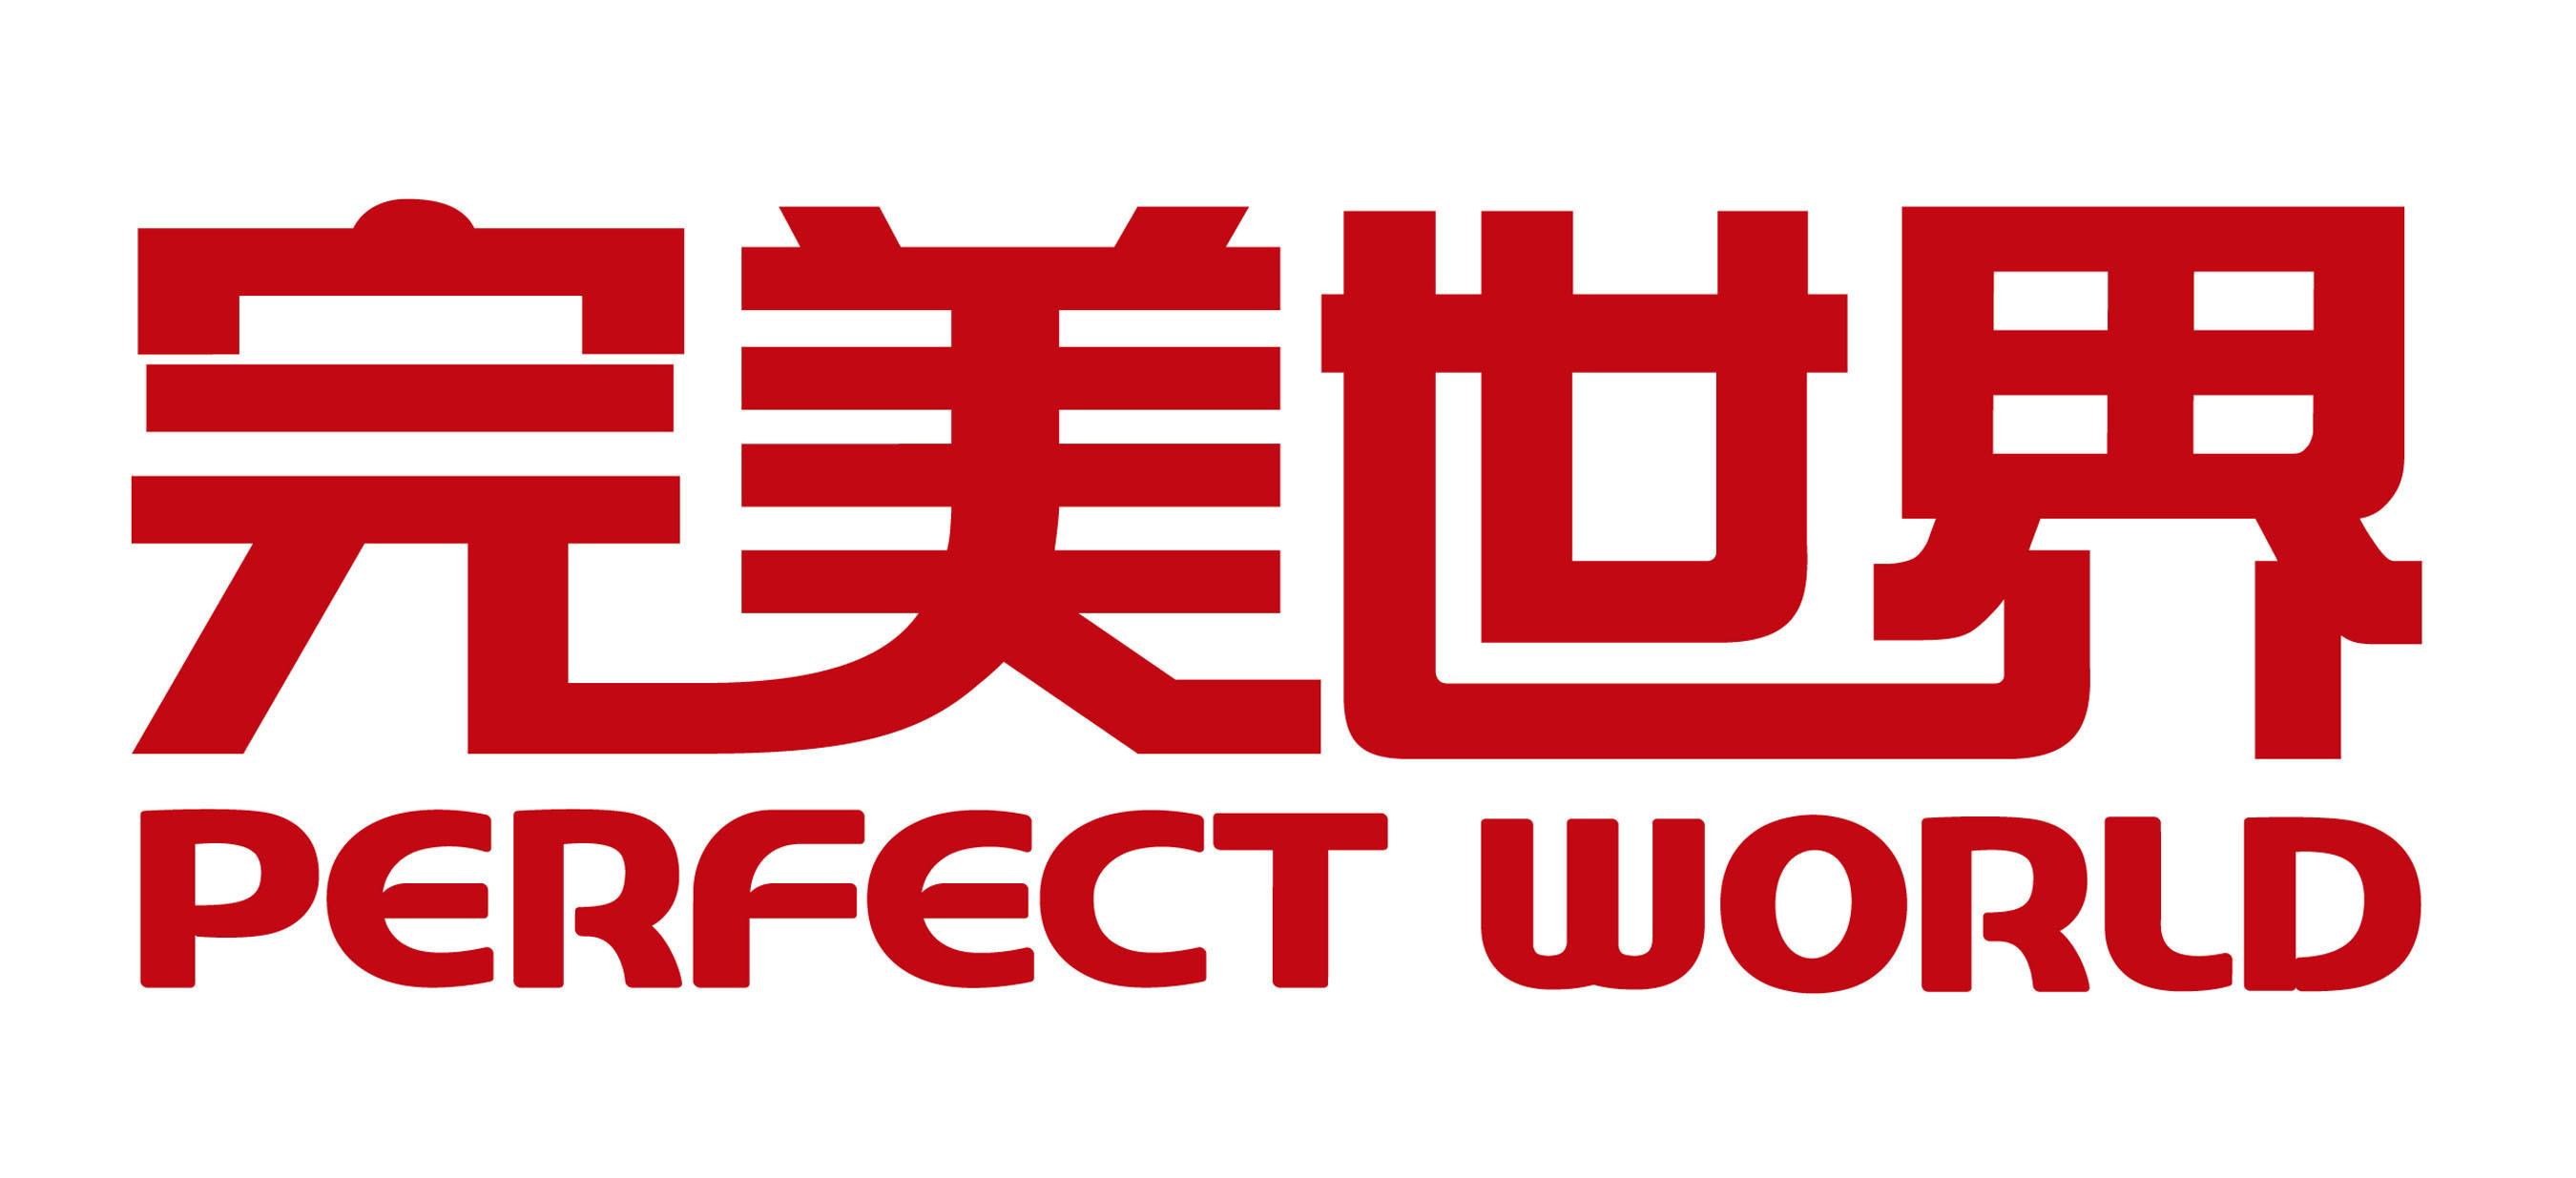 Perfect World LOGO. (PRNewsFoto/Perfect World Co., Ltd.) (PRNewsFoto/)